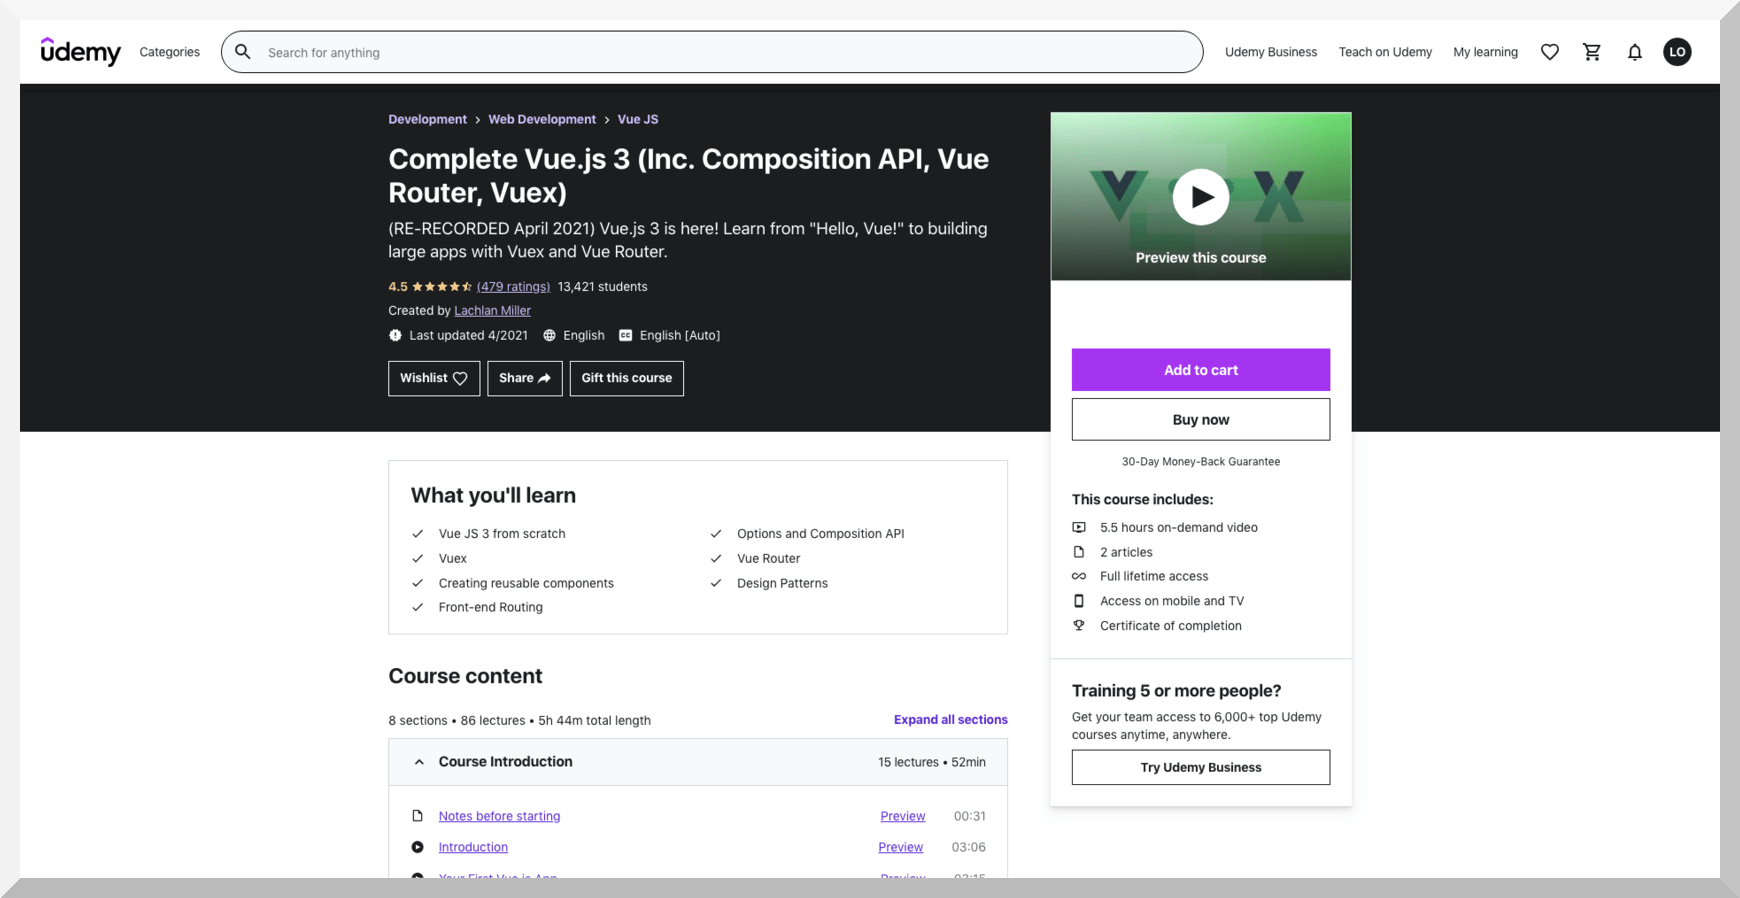 Complete Vue.js 3 (Inc. Composition API, Vue Router, Vuex) – Udemy